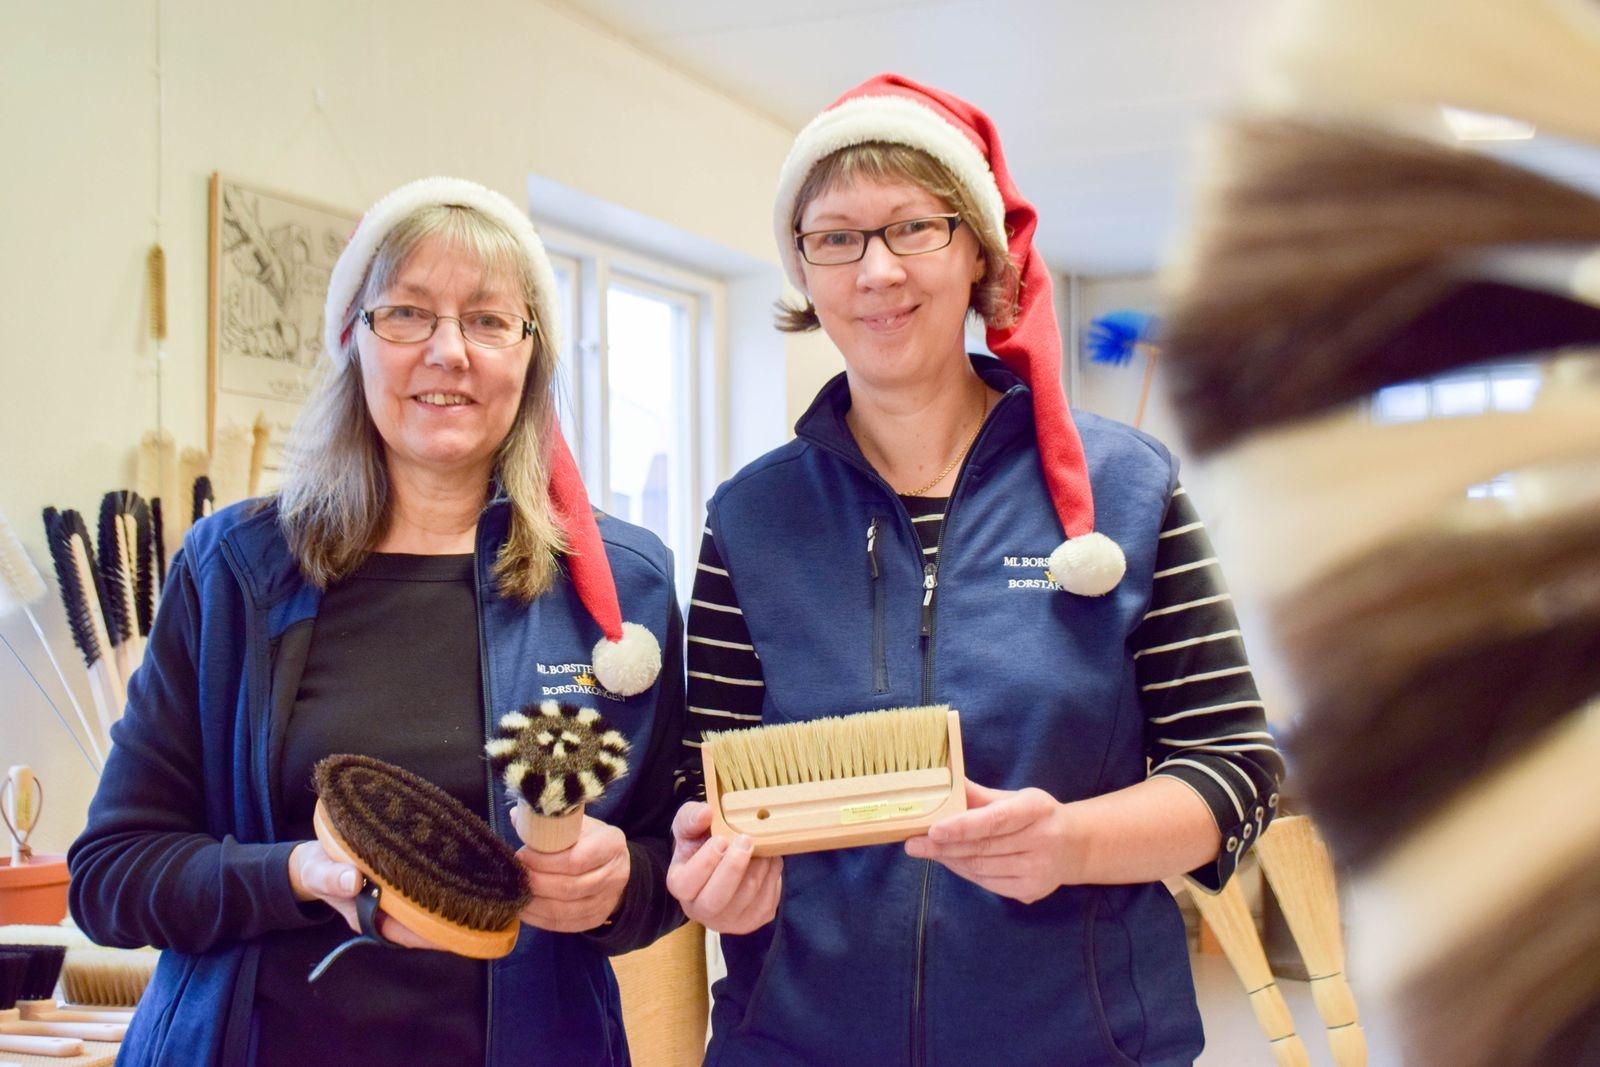 ML BorstTeknik har borstar för alla tillfällen. Anki Magnusson och Liselotte Holmqvist julklappstips är en handbunden ryktborste, en databorste av gethår, eller varför inte en bordsborste av tagel med utsnidad skyffel.